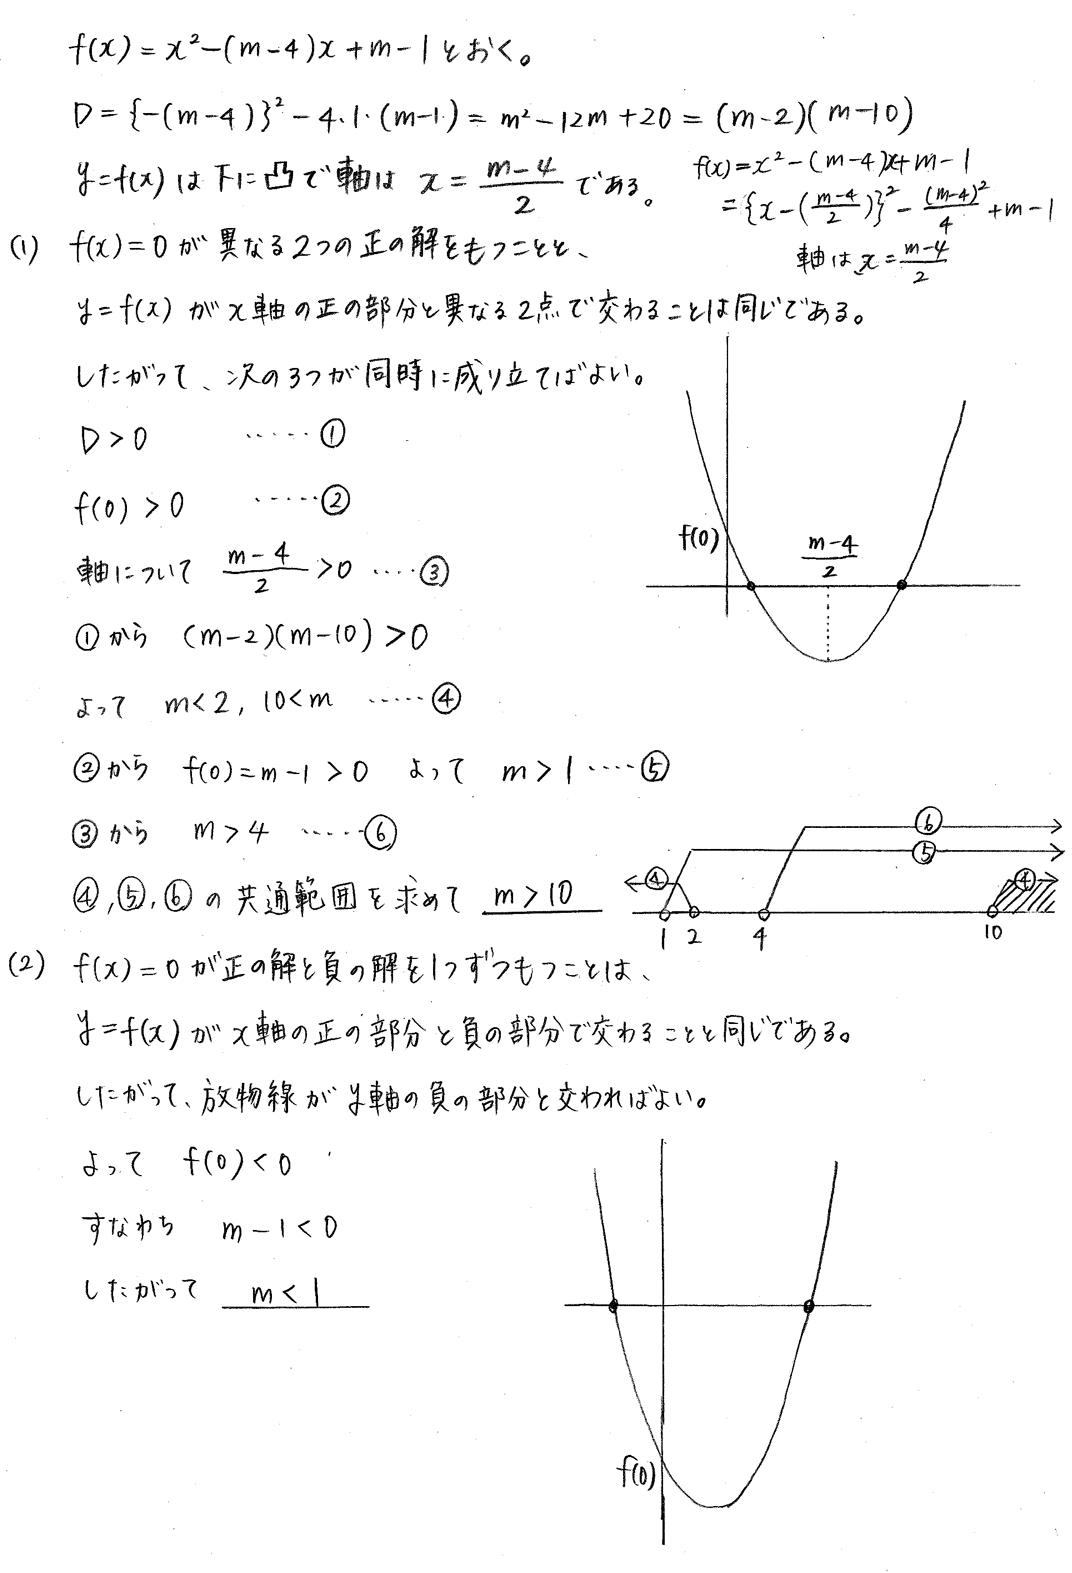 クリアー数学1-247解答